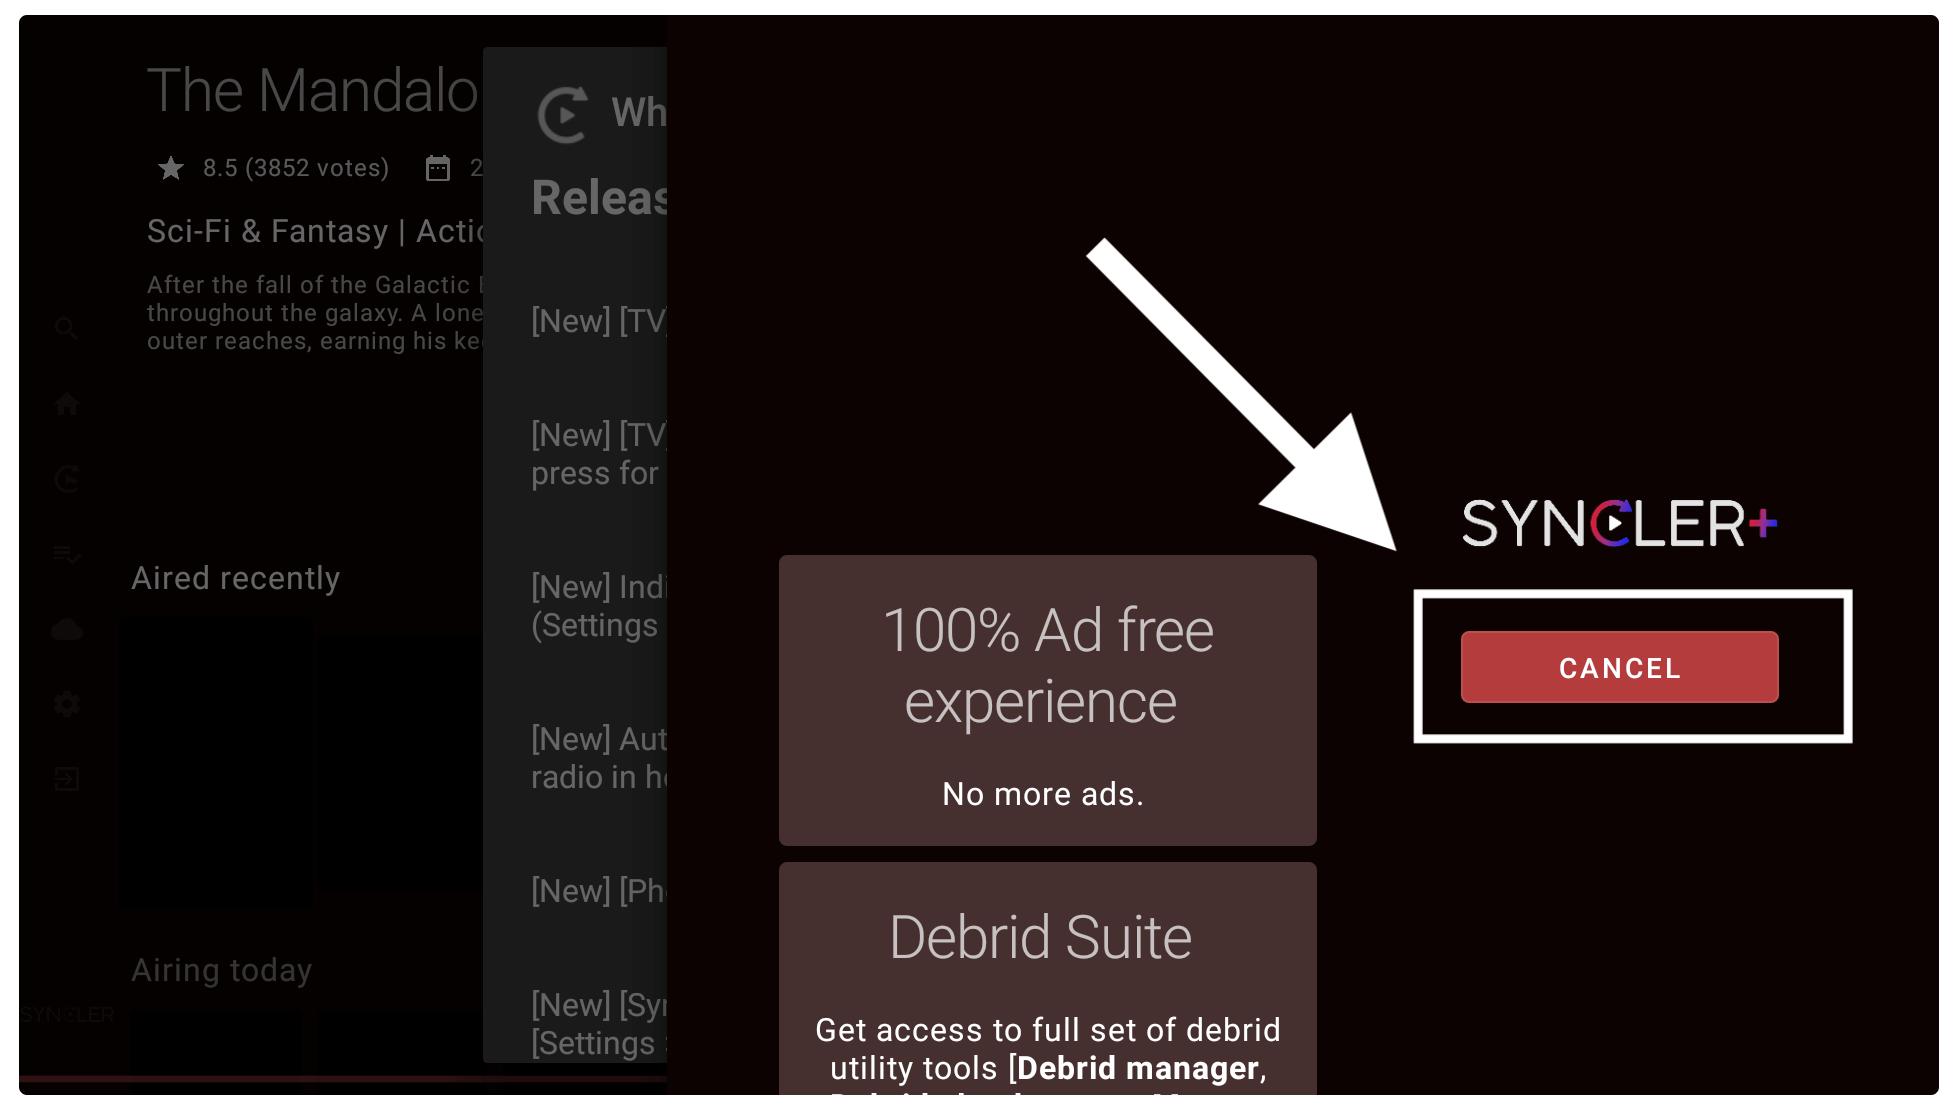 Setup-Syncler-in-Firestick